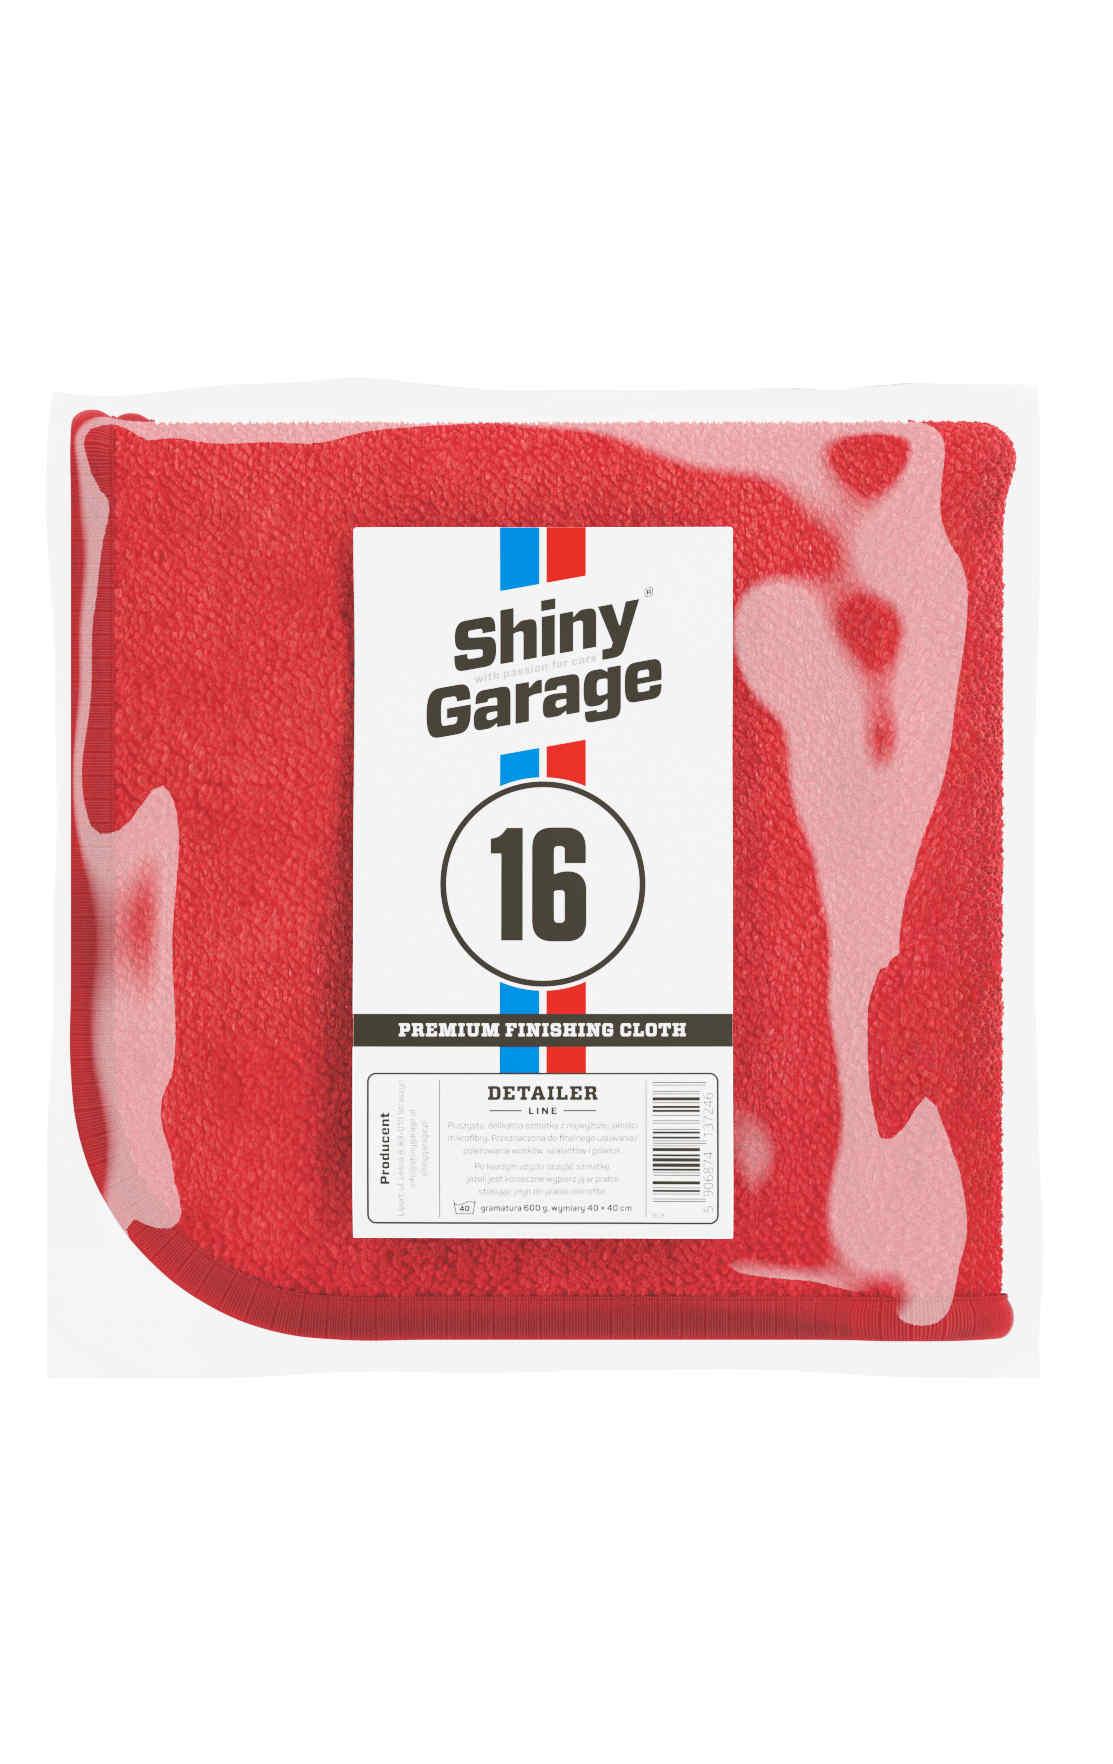 Shiny Garege Red Finisher Plush 40x40 cm Mikrofibra do Końcowego Polerowania 600 g